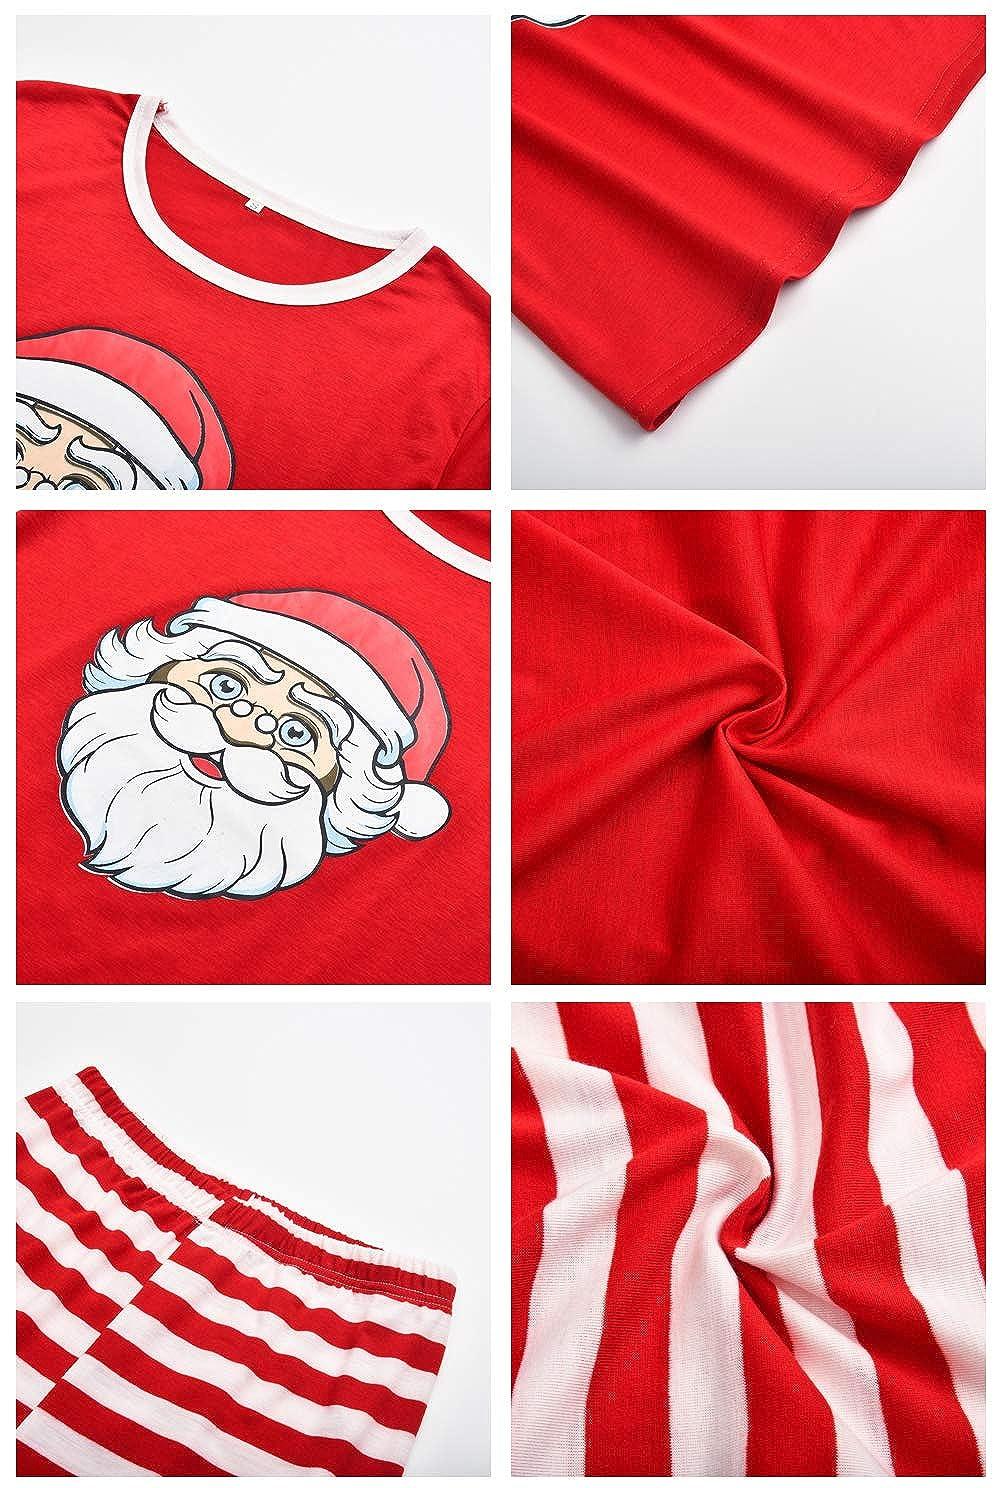 Pantaloni Set Costume di Natale Camicie da Notte Invernali URMOSTIN Pigiama Famiglia Natale Pigiami Due Pezzi Due Pezzi Donna Uomo Bambini Cotone Camicie Manica Lunga